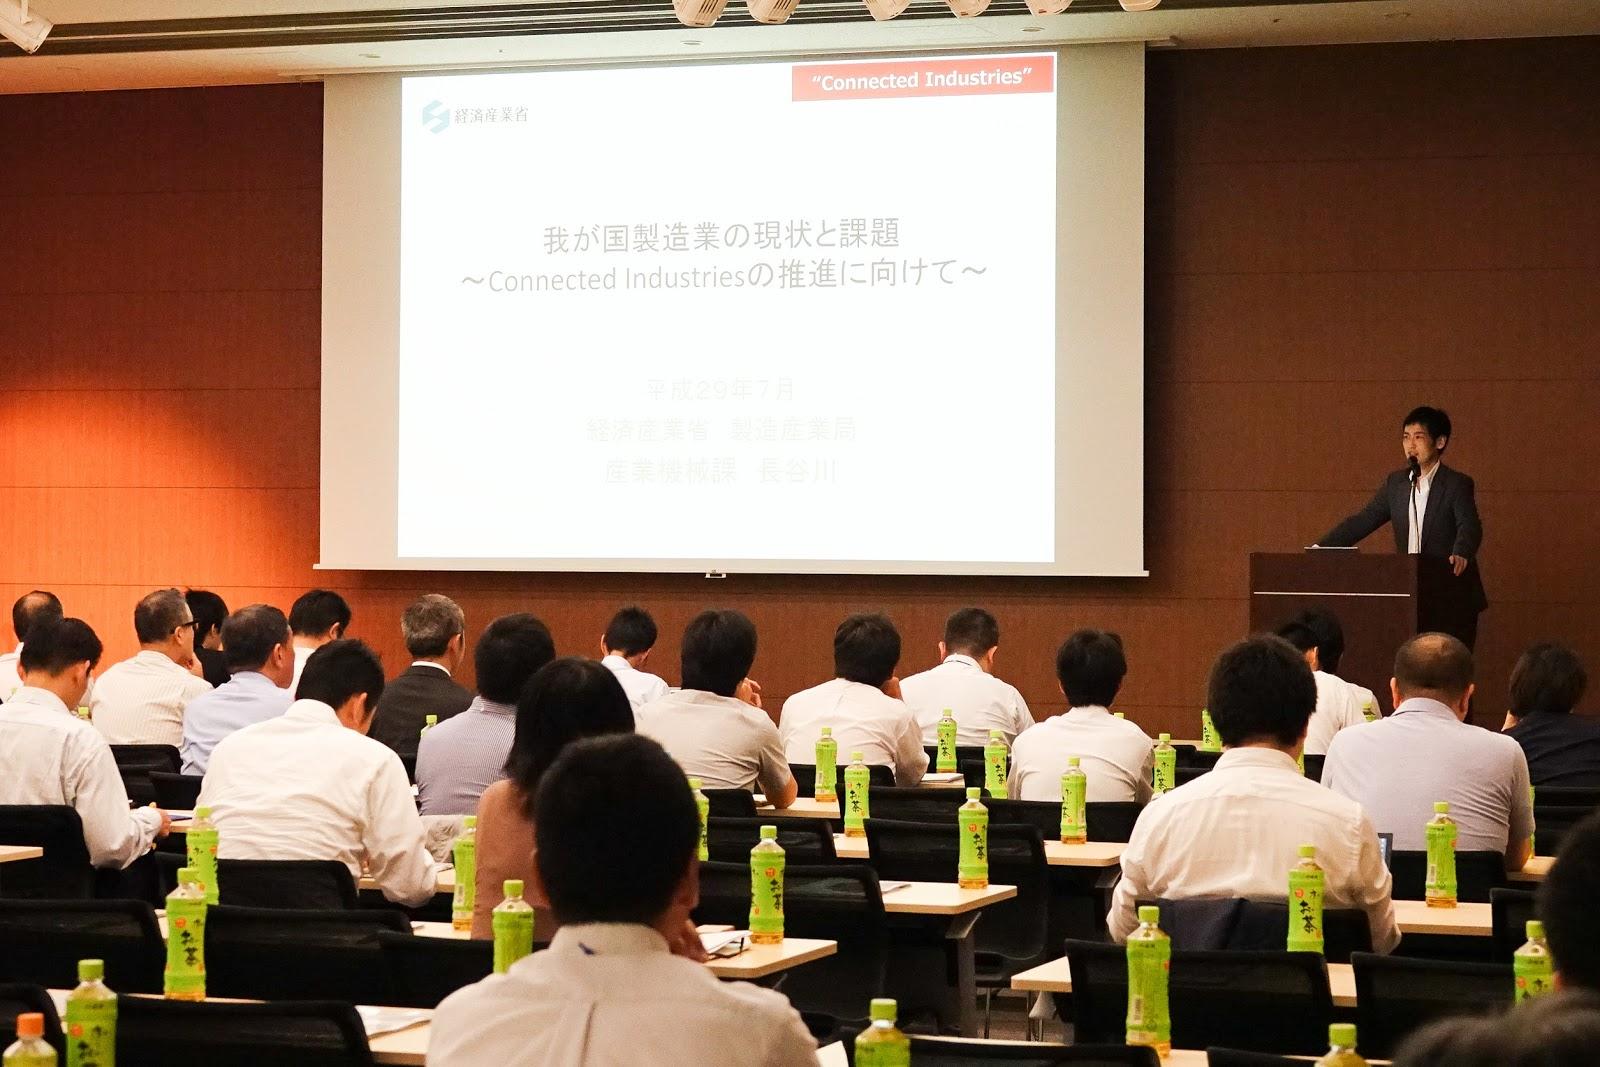 IoTConference2017 経済産業省 長谷川洋氏